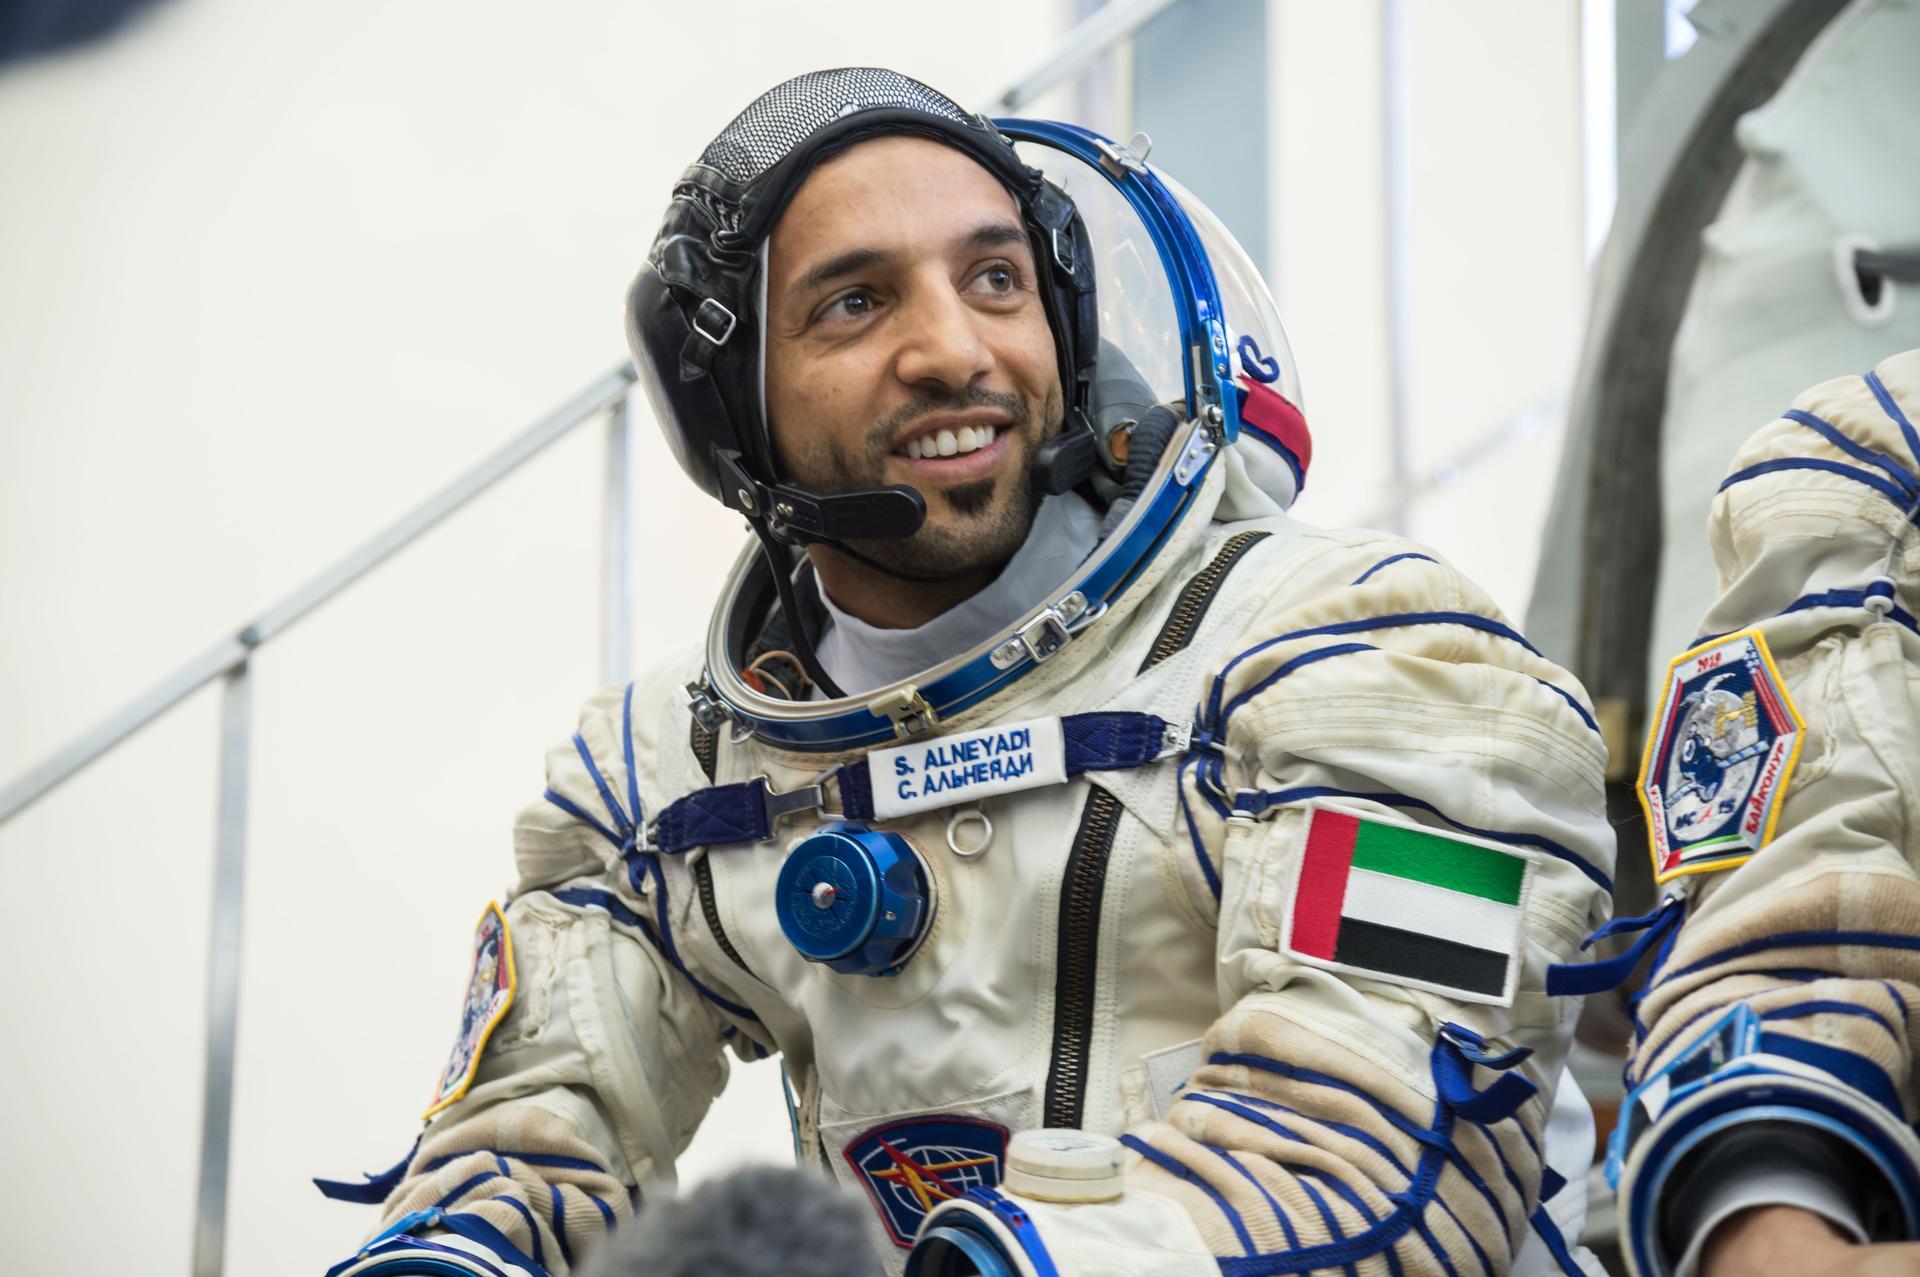 رائدا الفضاء الإماراتيان يتوجان فترة تدريبهما في موسكو بنجاح